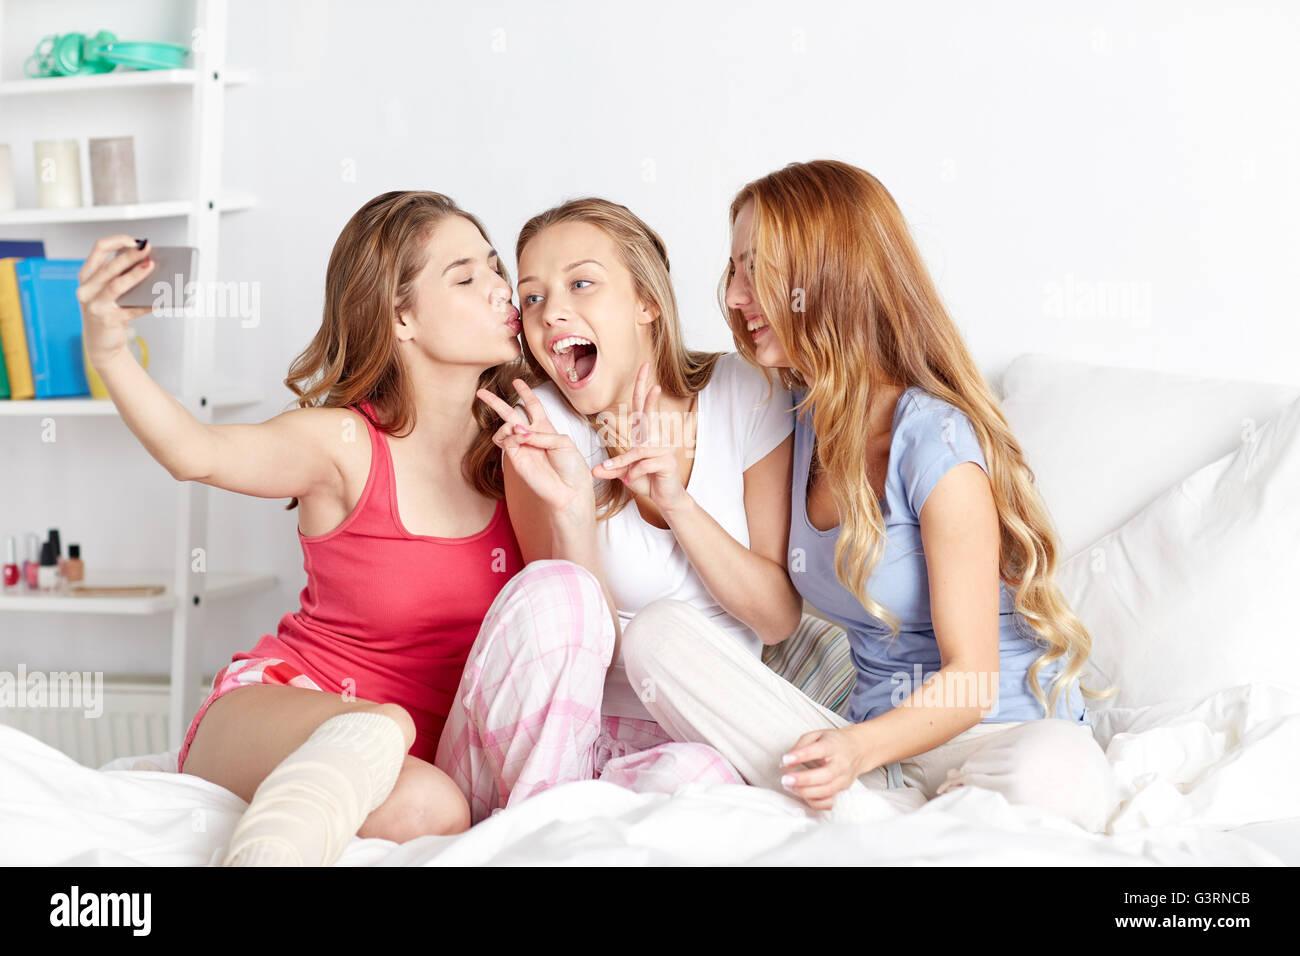 giovani ragazze adolescenti nude